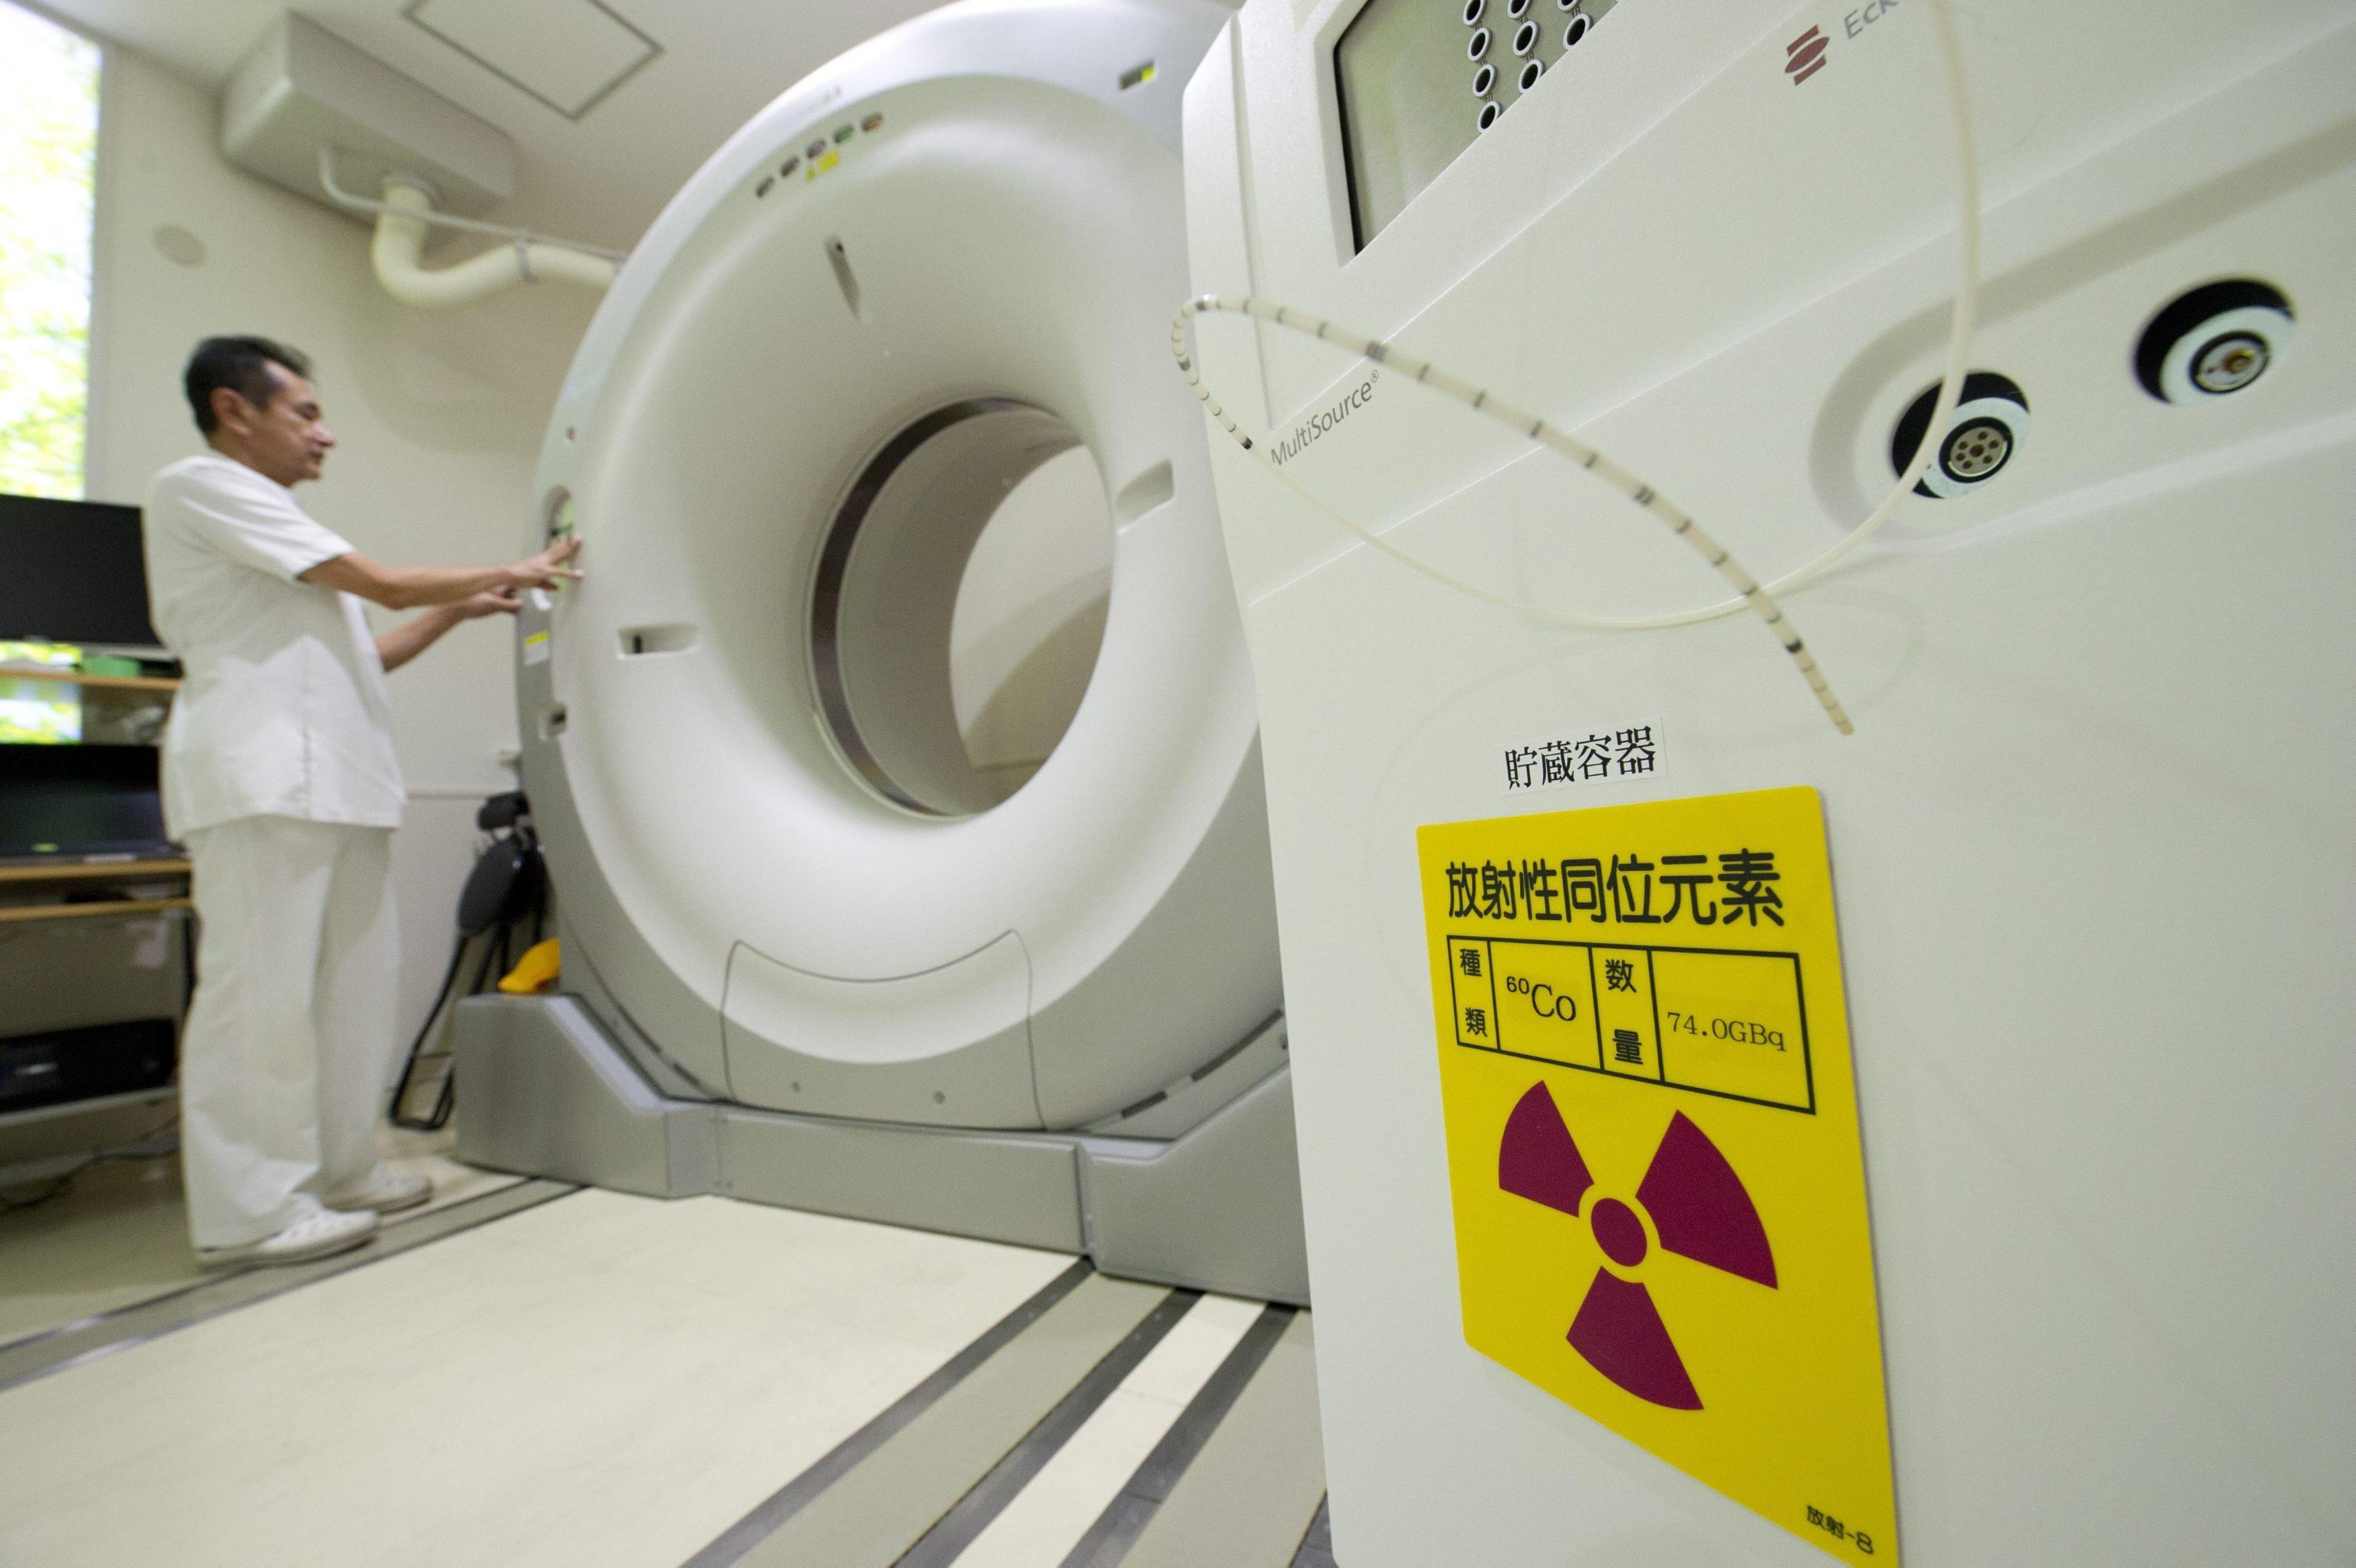 Radioterapia stereotassica, scopriamo l'innovativa tecnica contro i tumori